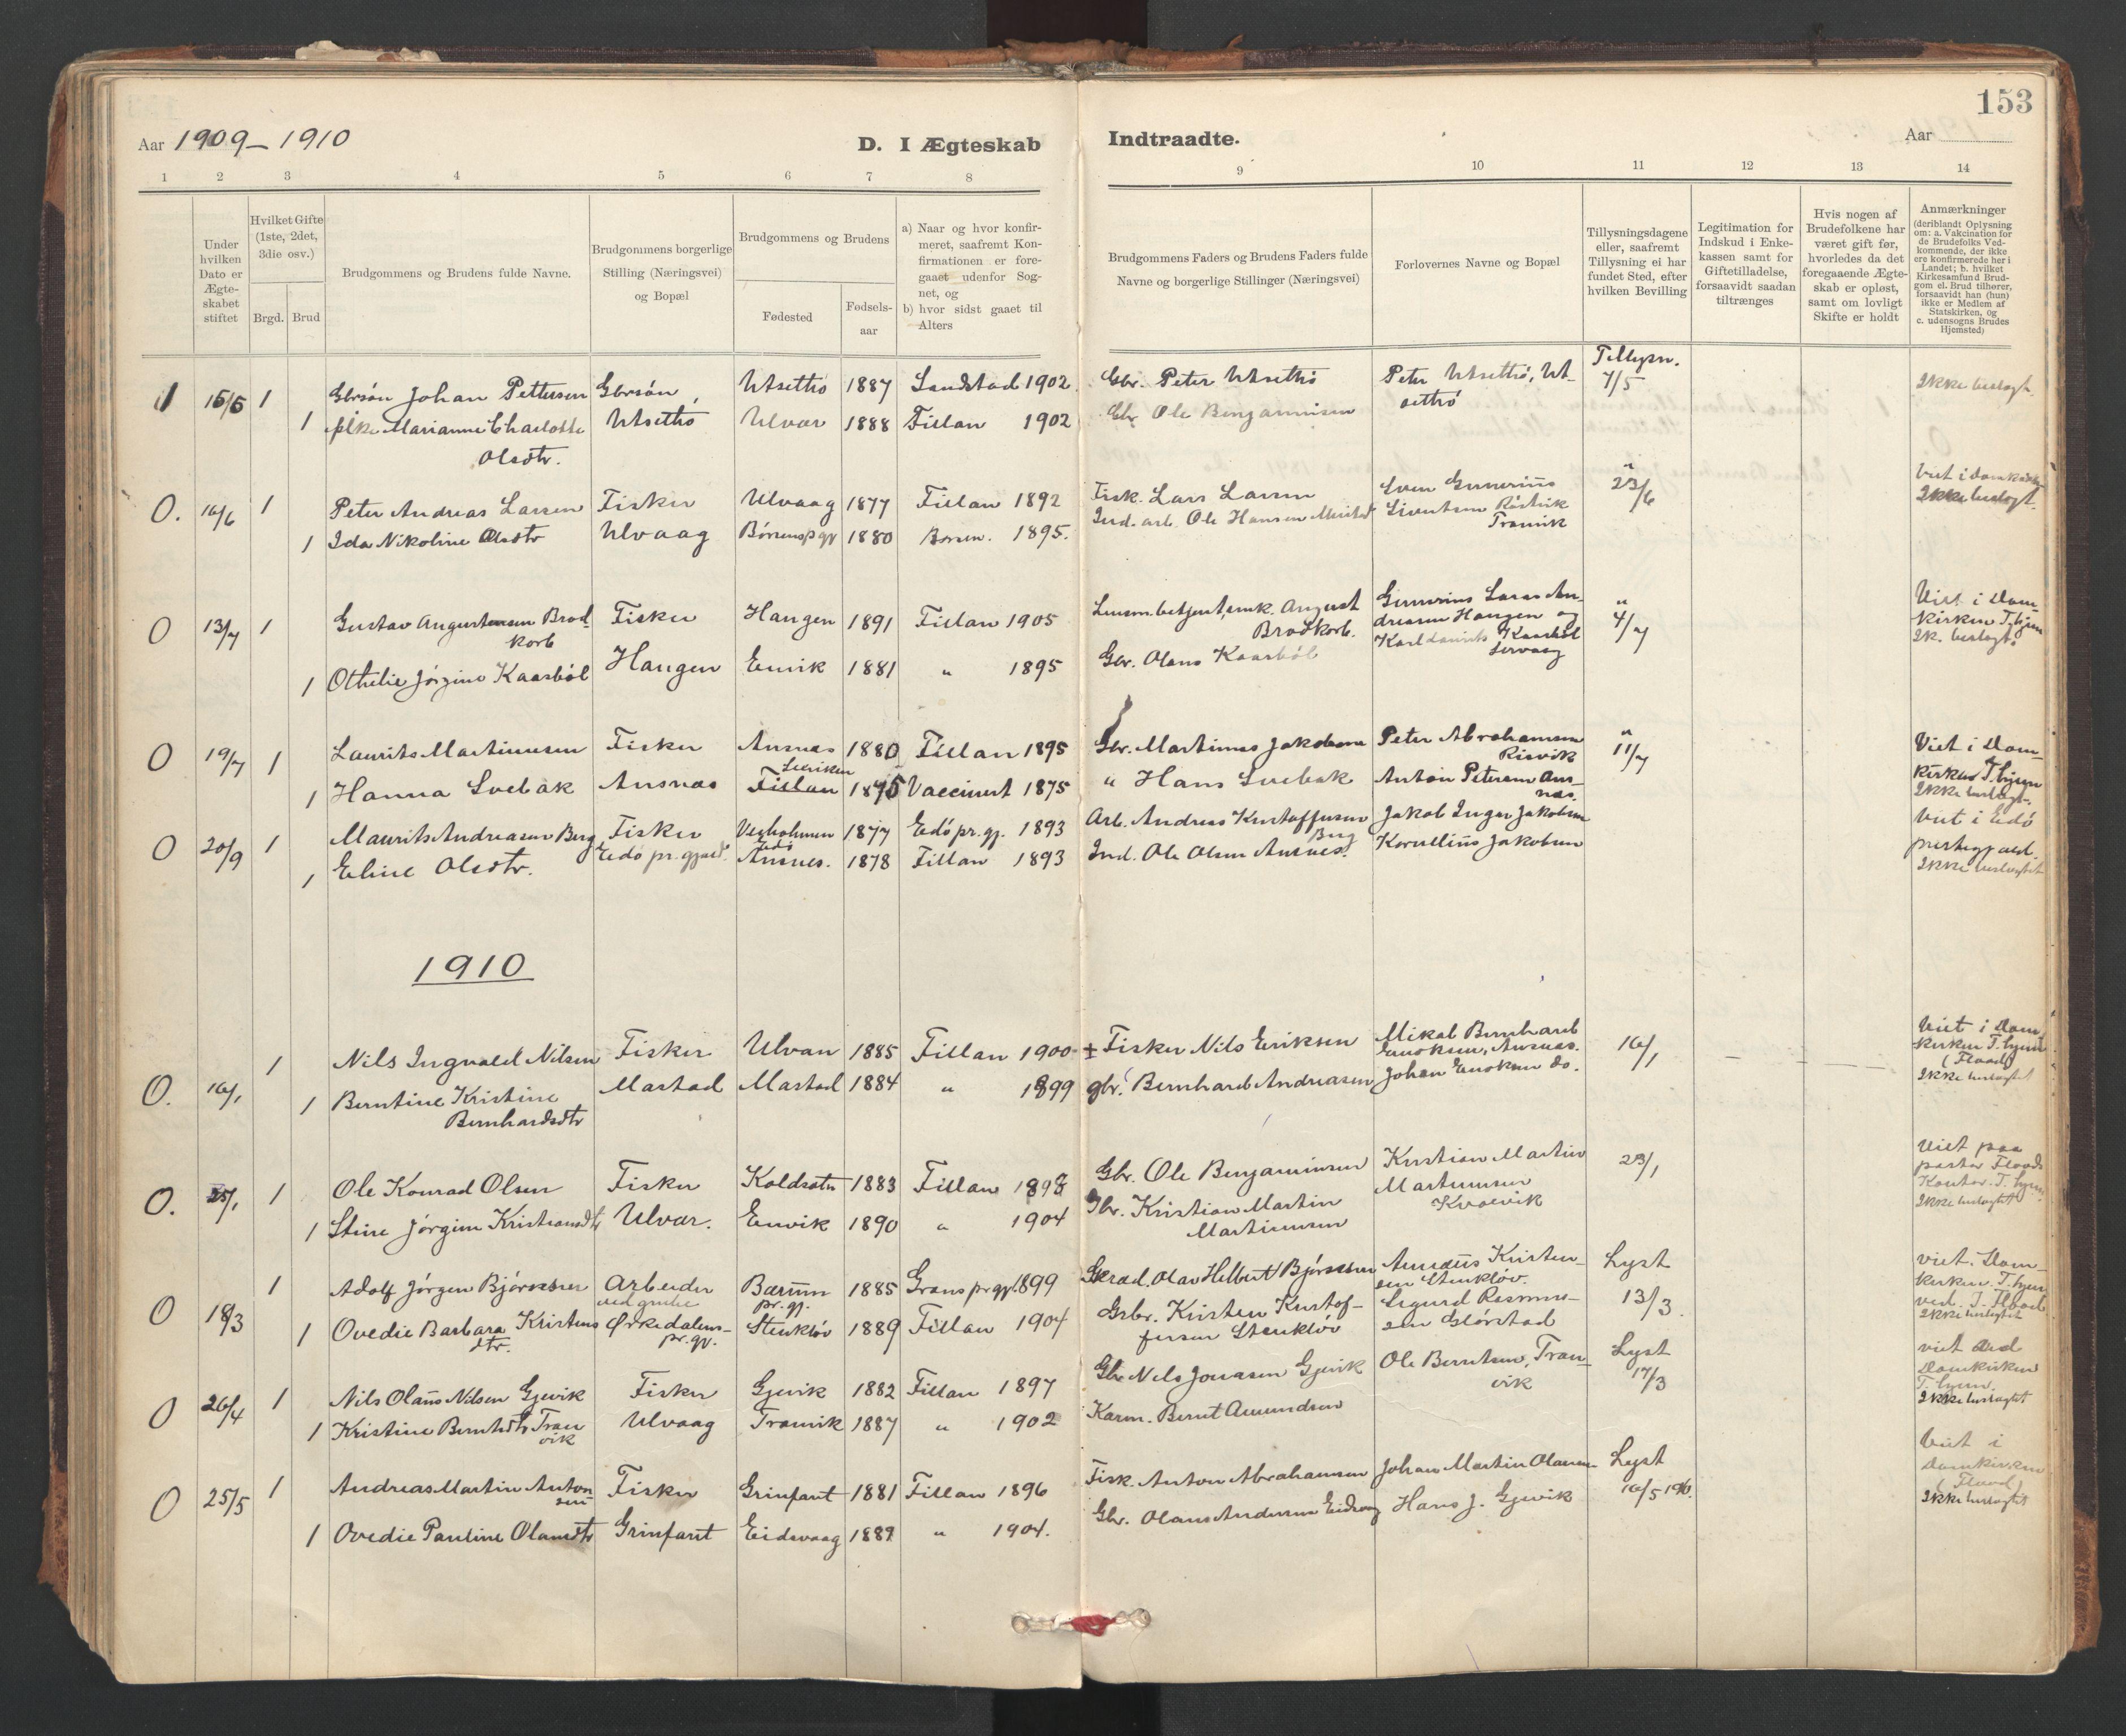 SAT, Ministerialprotokoller, klokkerbøker og fødselsregistre - Sør-Trøndelag, 637/L0559: Ministerialbok nr. 637A02, 1899-1923, s. 153